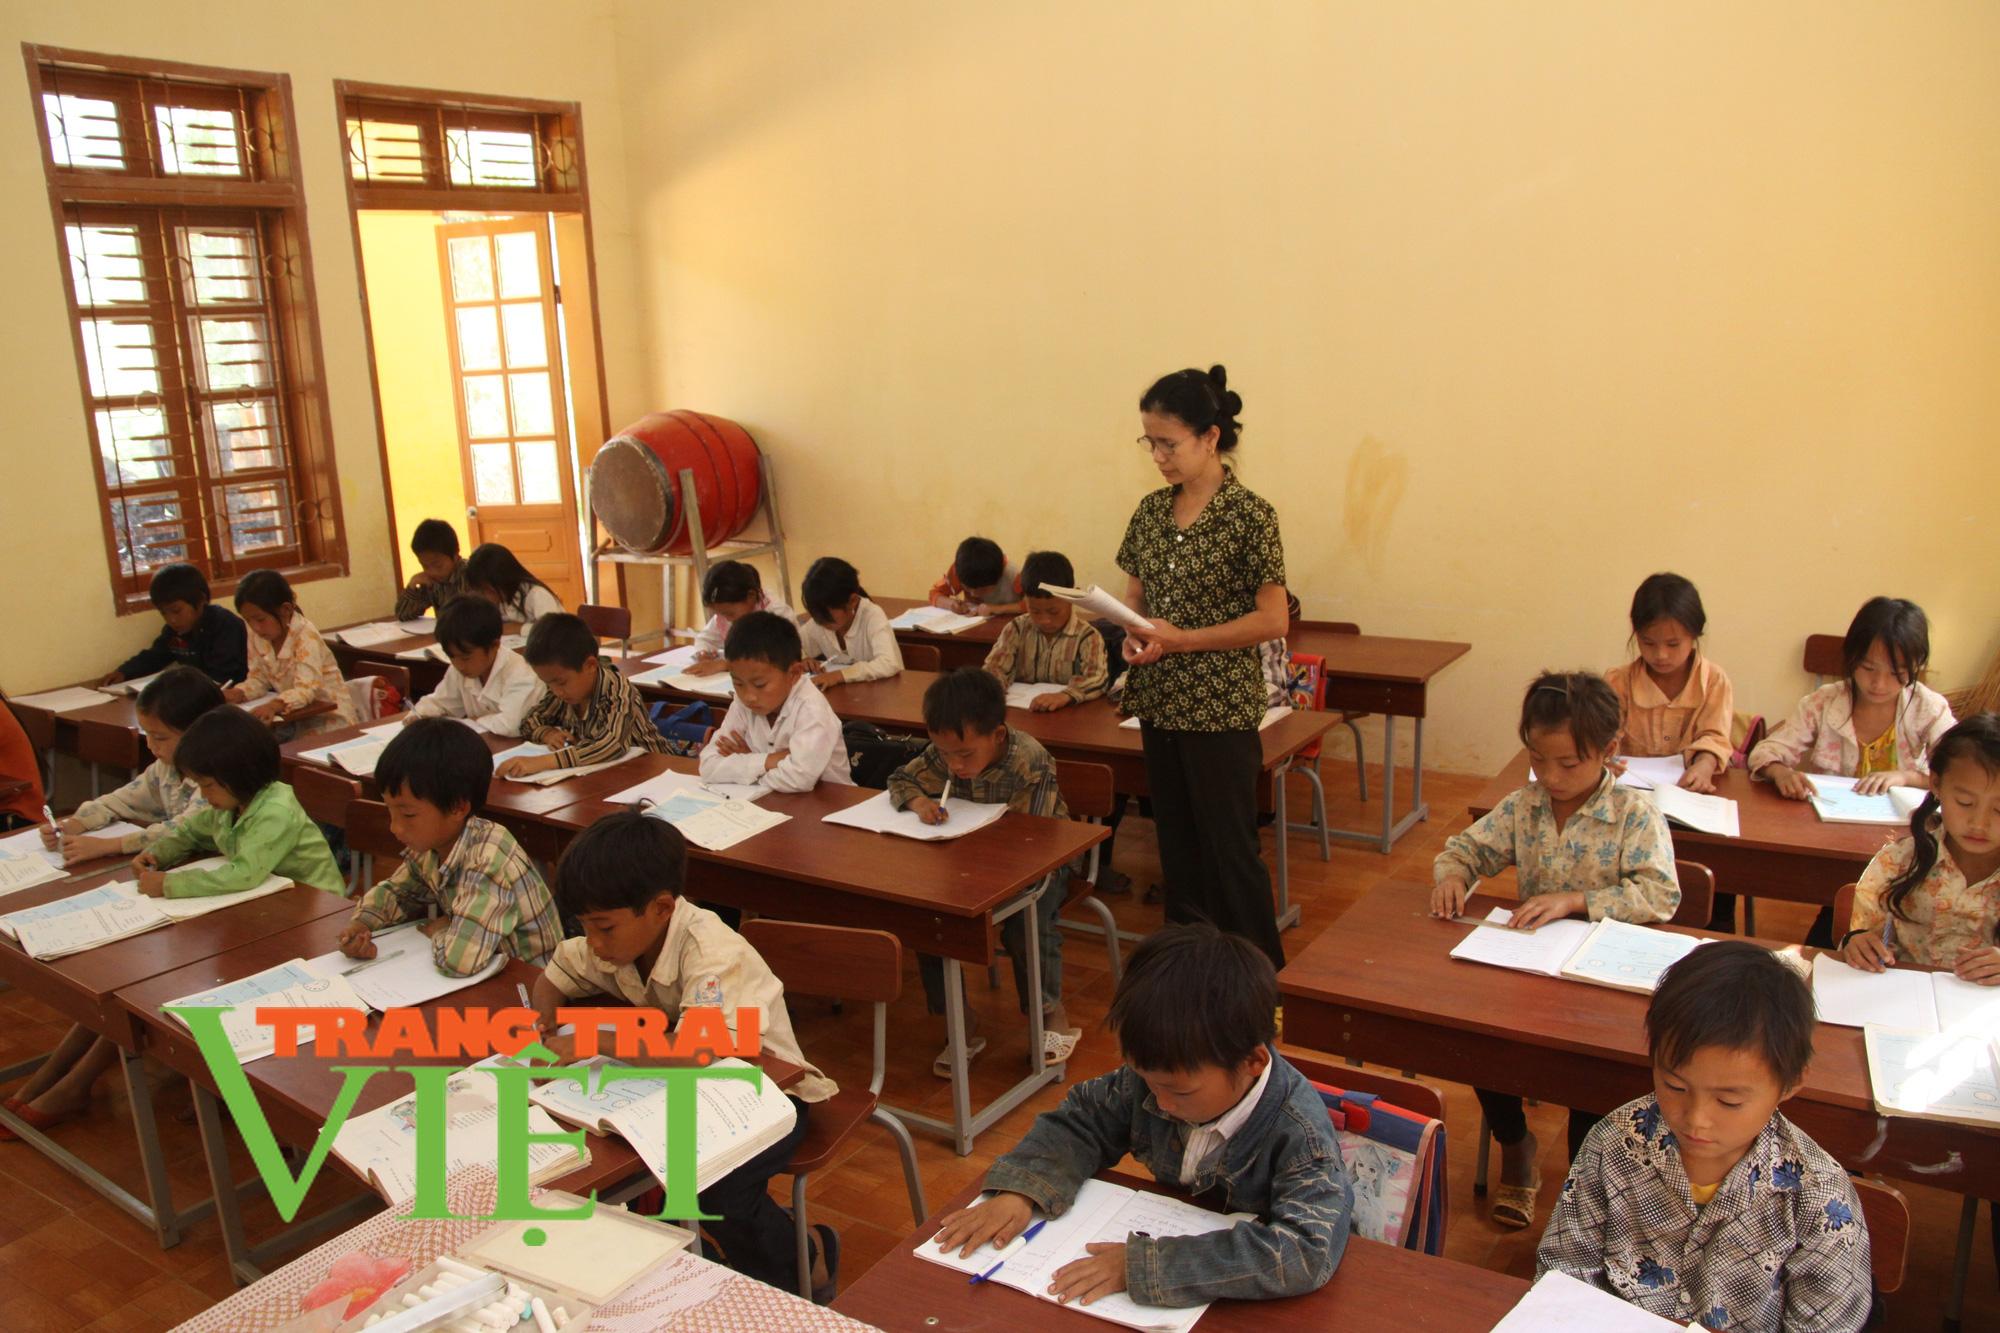 Sơn La: Những đột phá mới trong nâng cao chất lượng giáo dục và đào tạo - Ảnh 8.